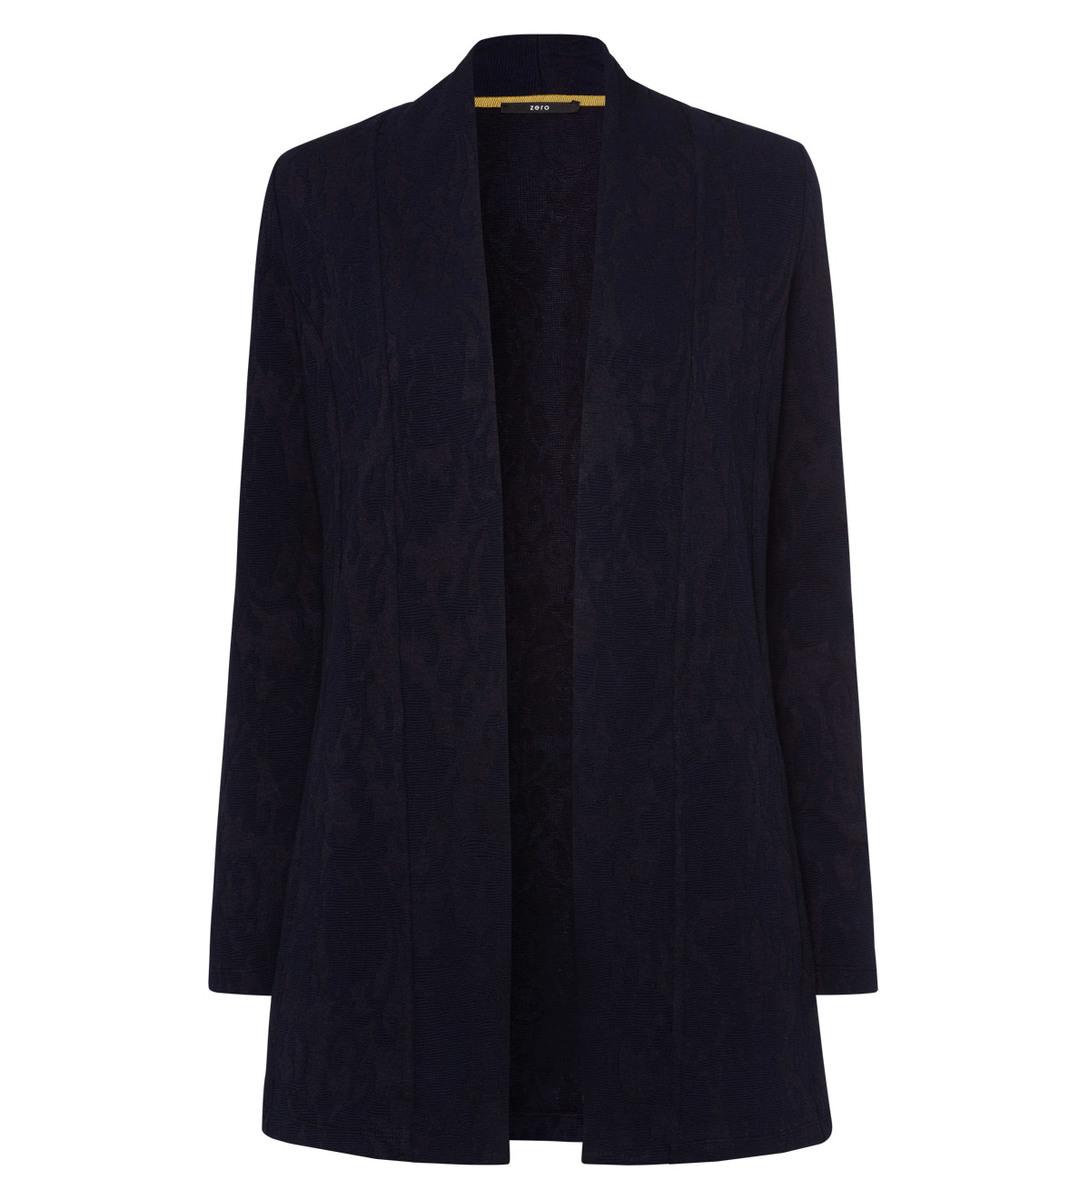 Jersey Cardigan mit strukturierter Oberfläche in blue black